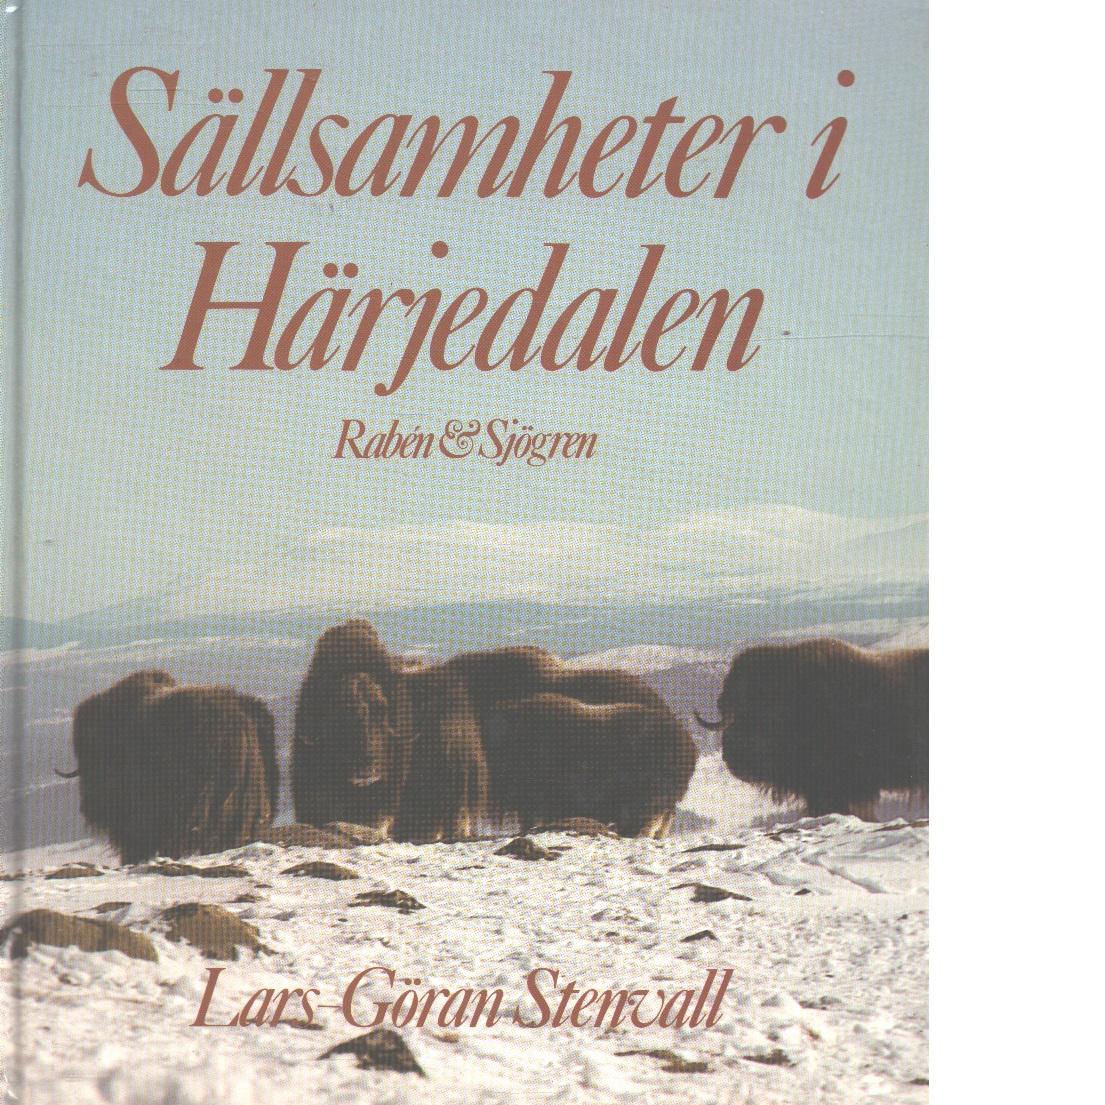 Sällsamheter i Härjedalen - Stenvall, Lars Göran